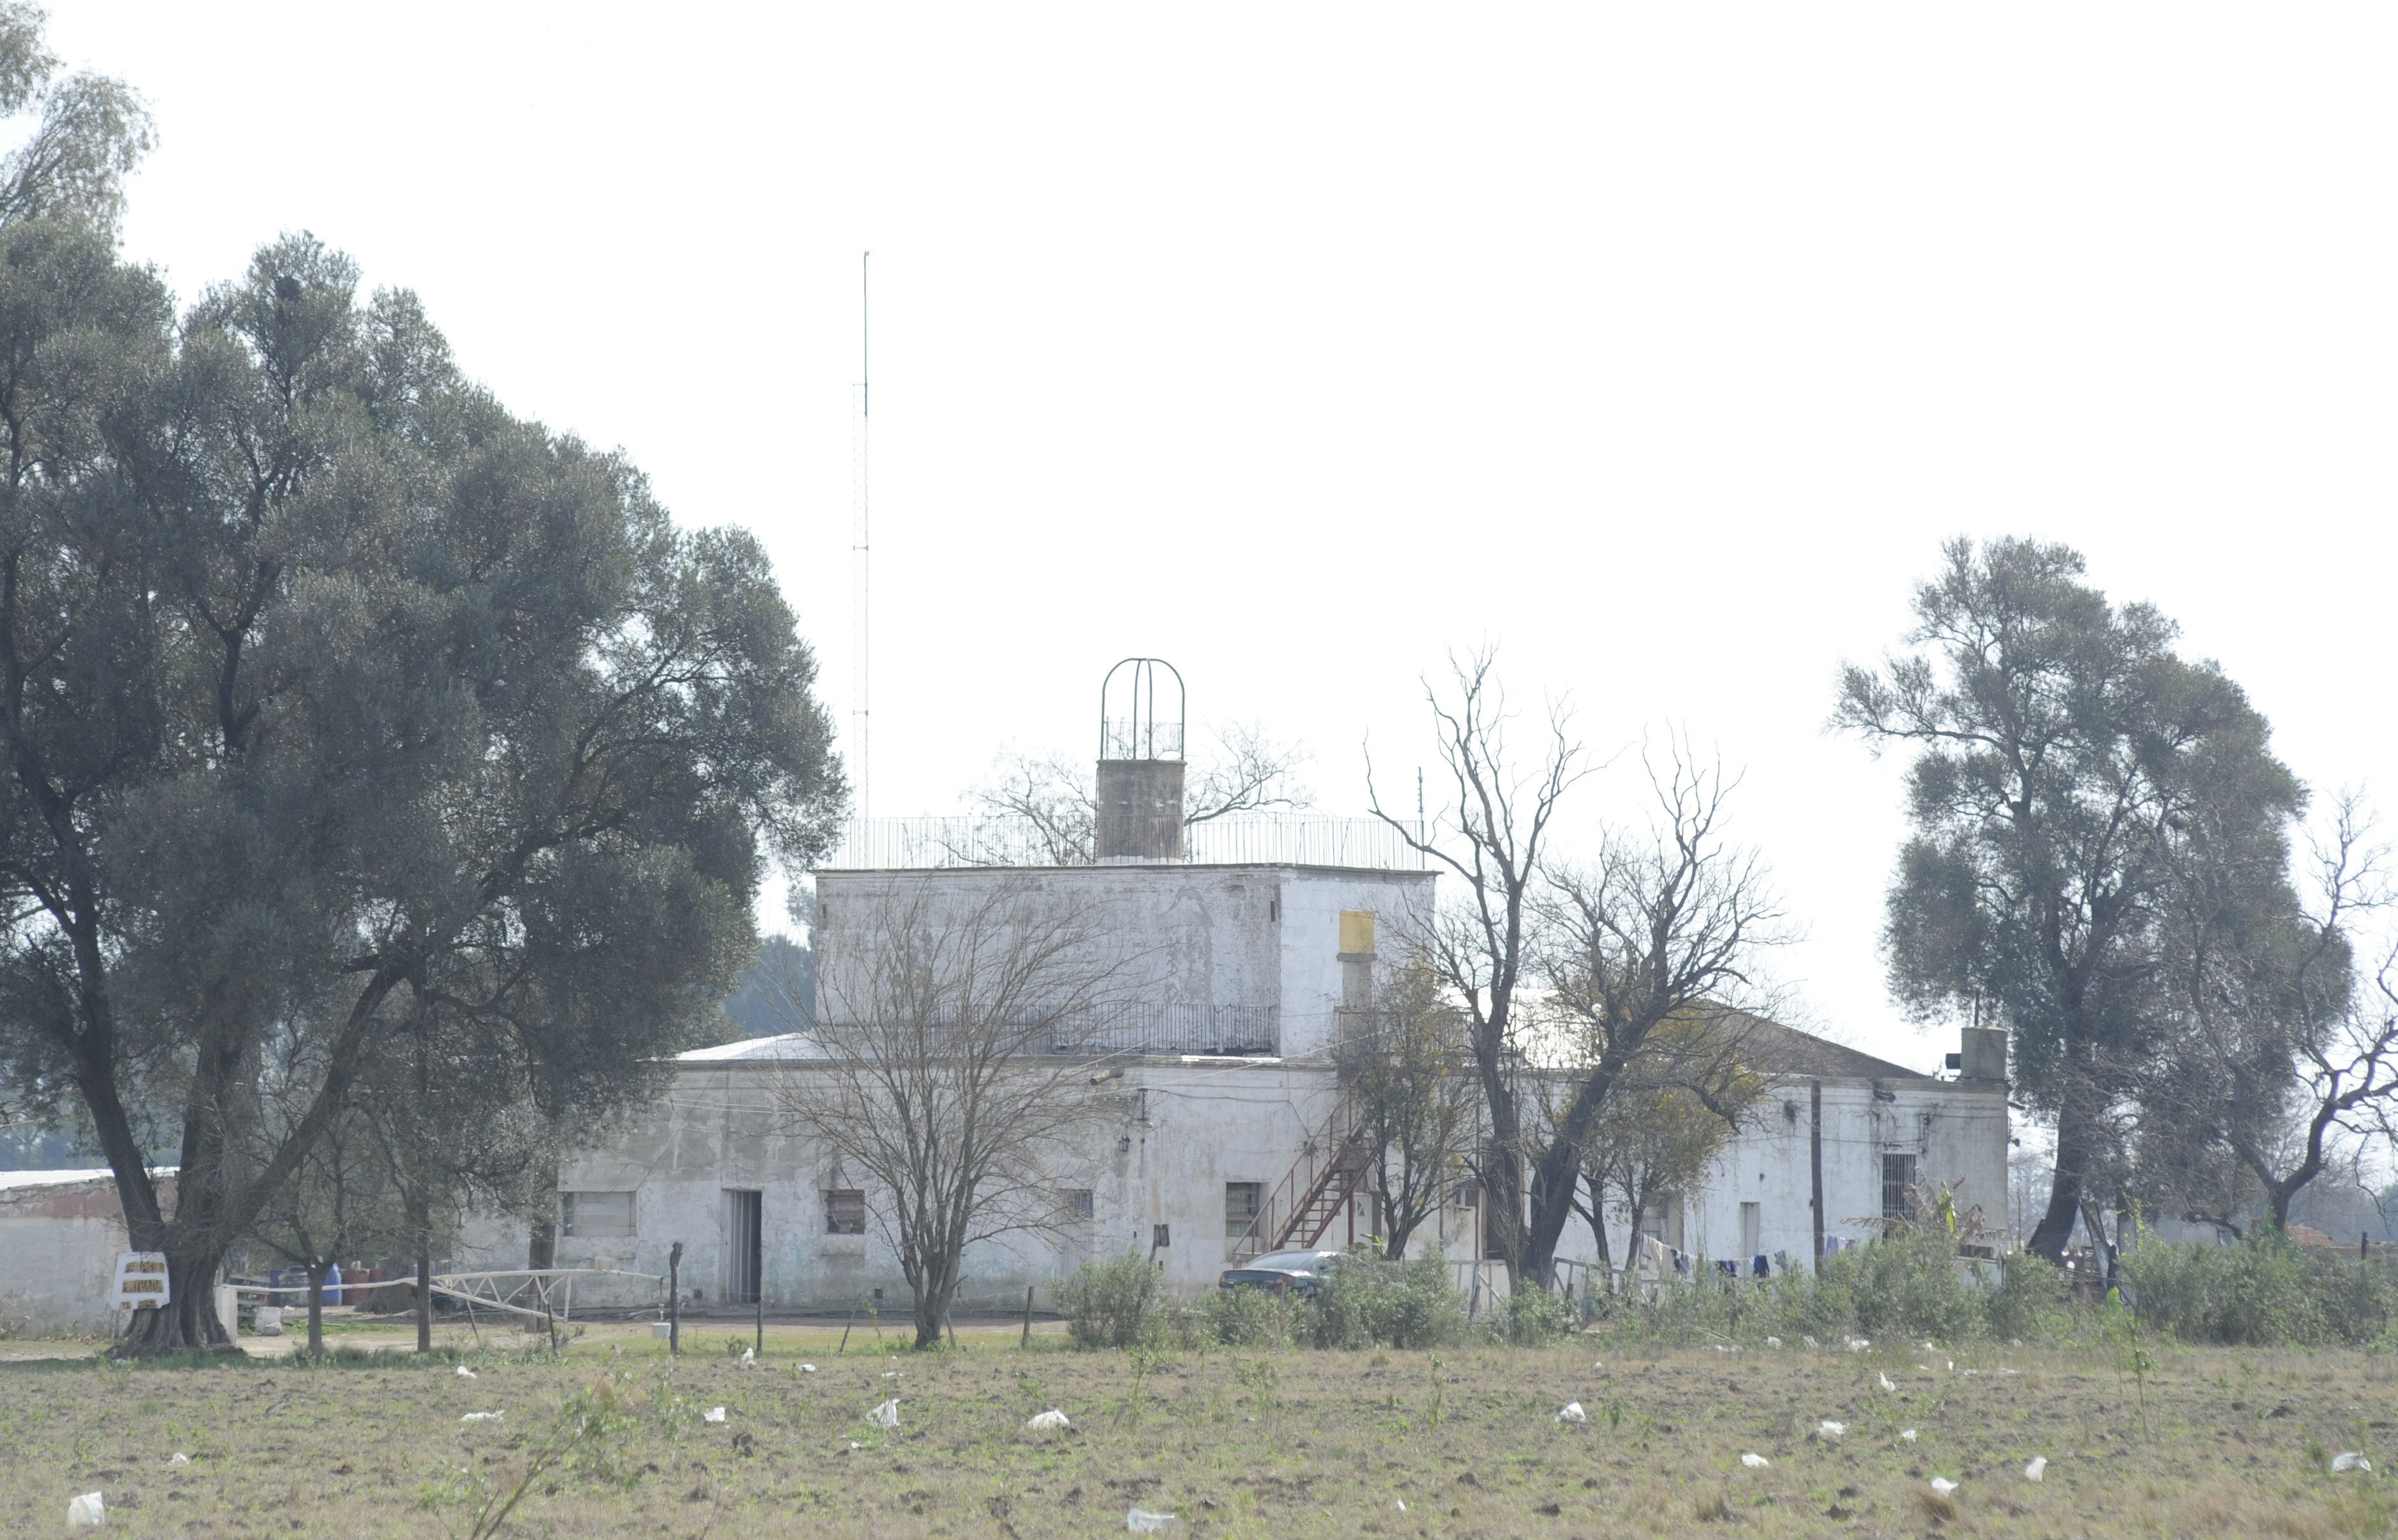 En ruinas. El predio de diez hectáreas conserva apenas el casco por donde se estima pasaron más de cien víctimas.